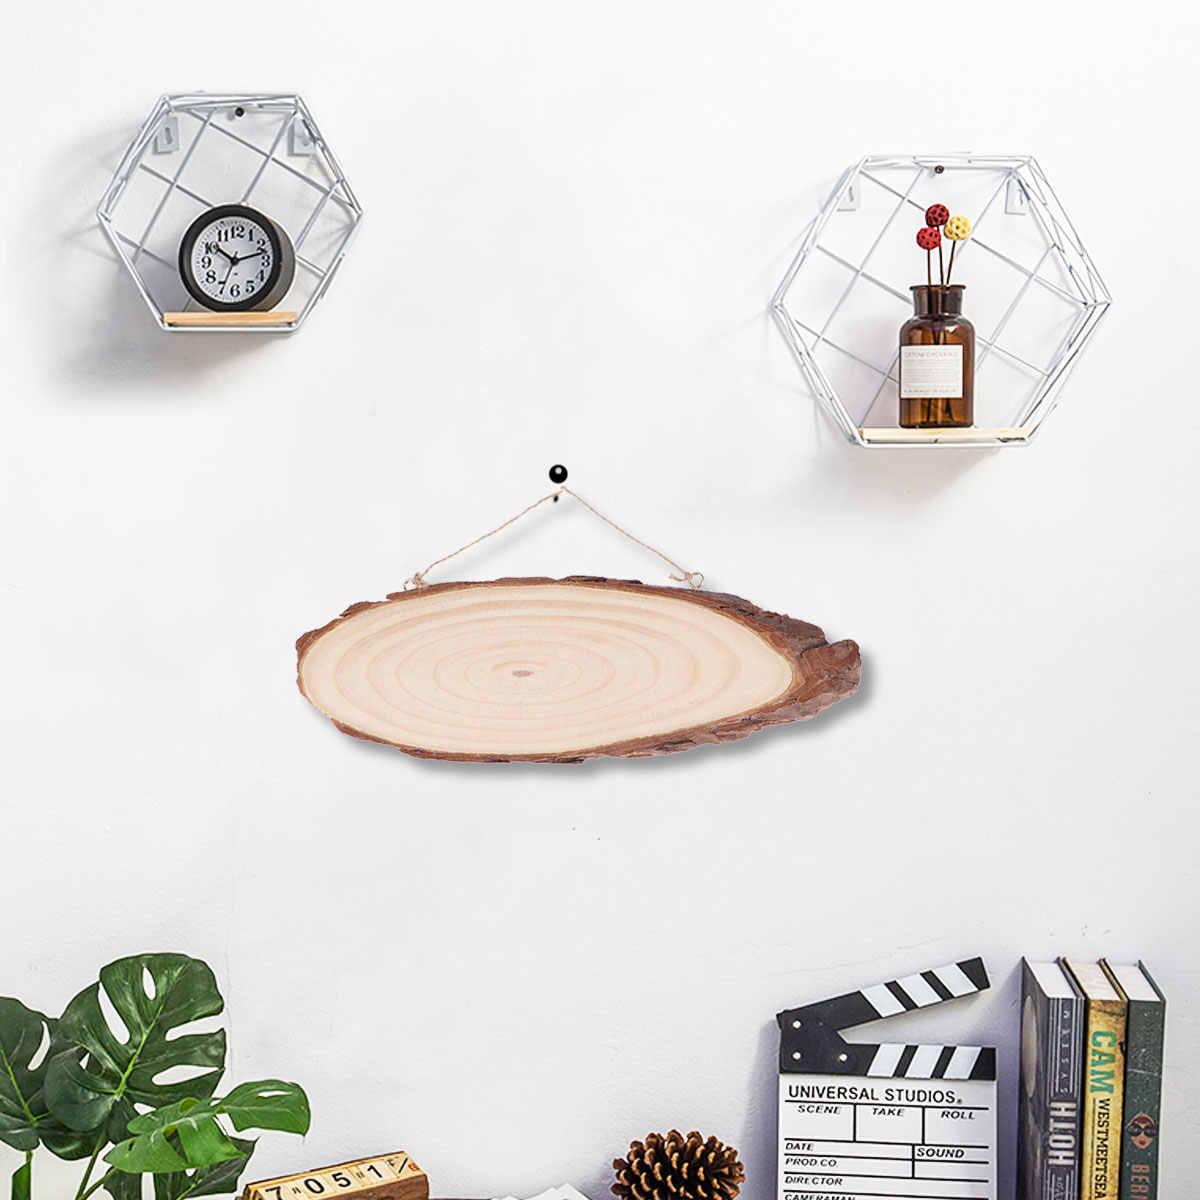 22x7 centimetri Ovale In Bianco del Disco di Legno Albero Log Fetta di Targhe Con 2 Ganci E Corda Per La Decorazione di DIY progetti di artigianato